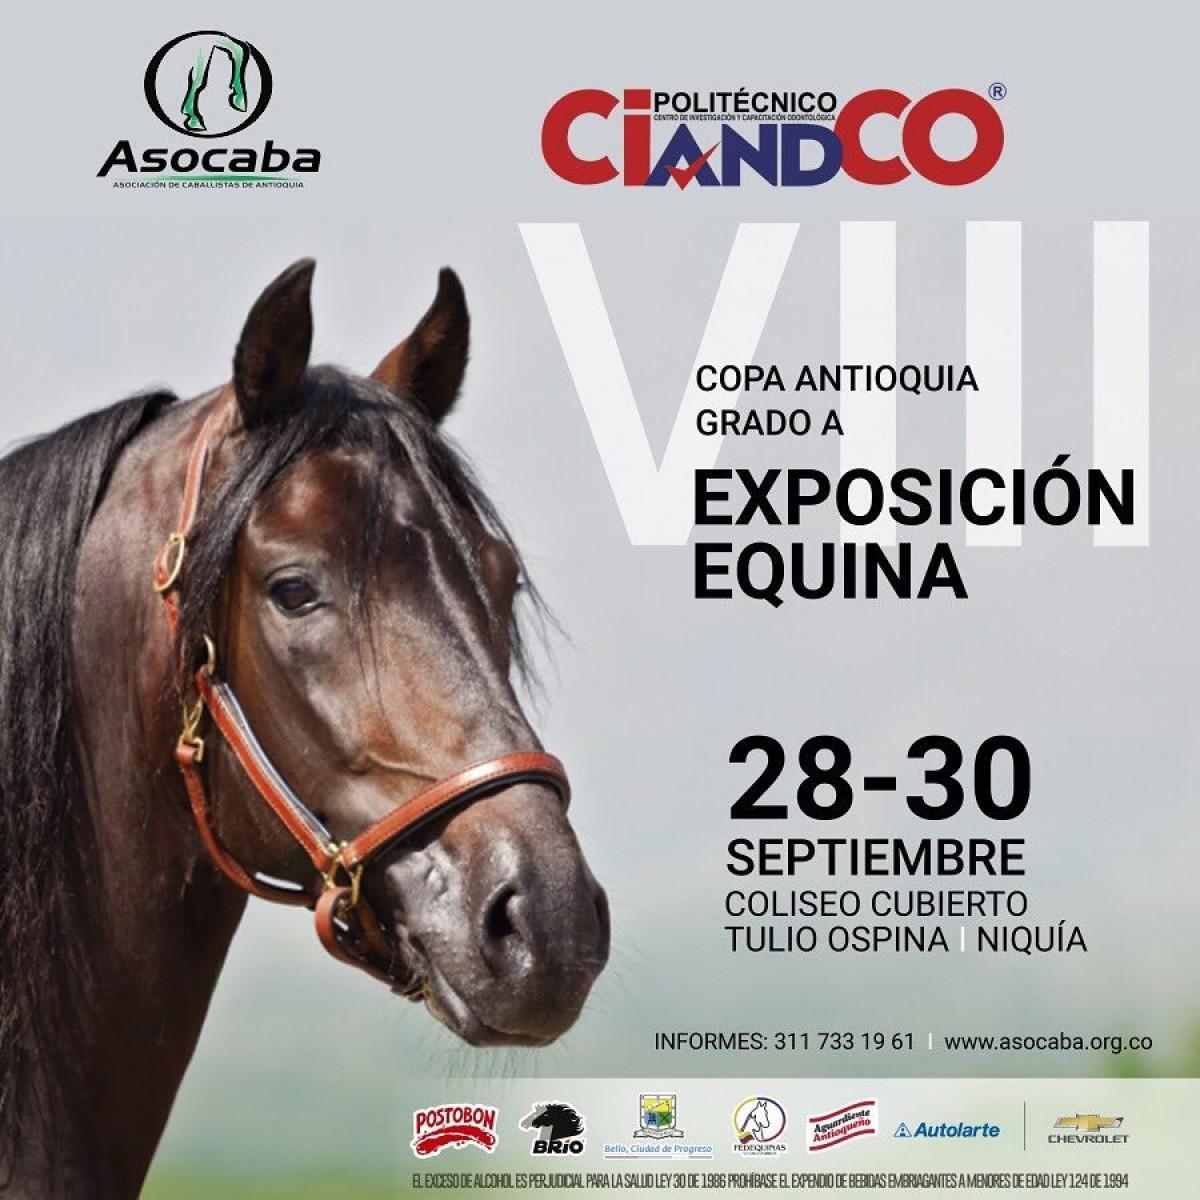 TRANSMISIÓN VIII Exposición Equina Copa Antioquia Grado A, Del 28 al 30 De Sept